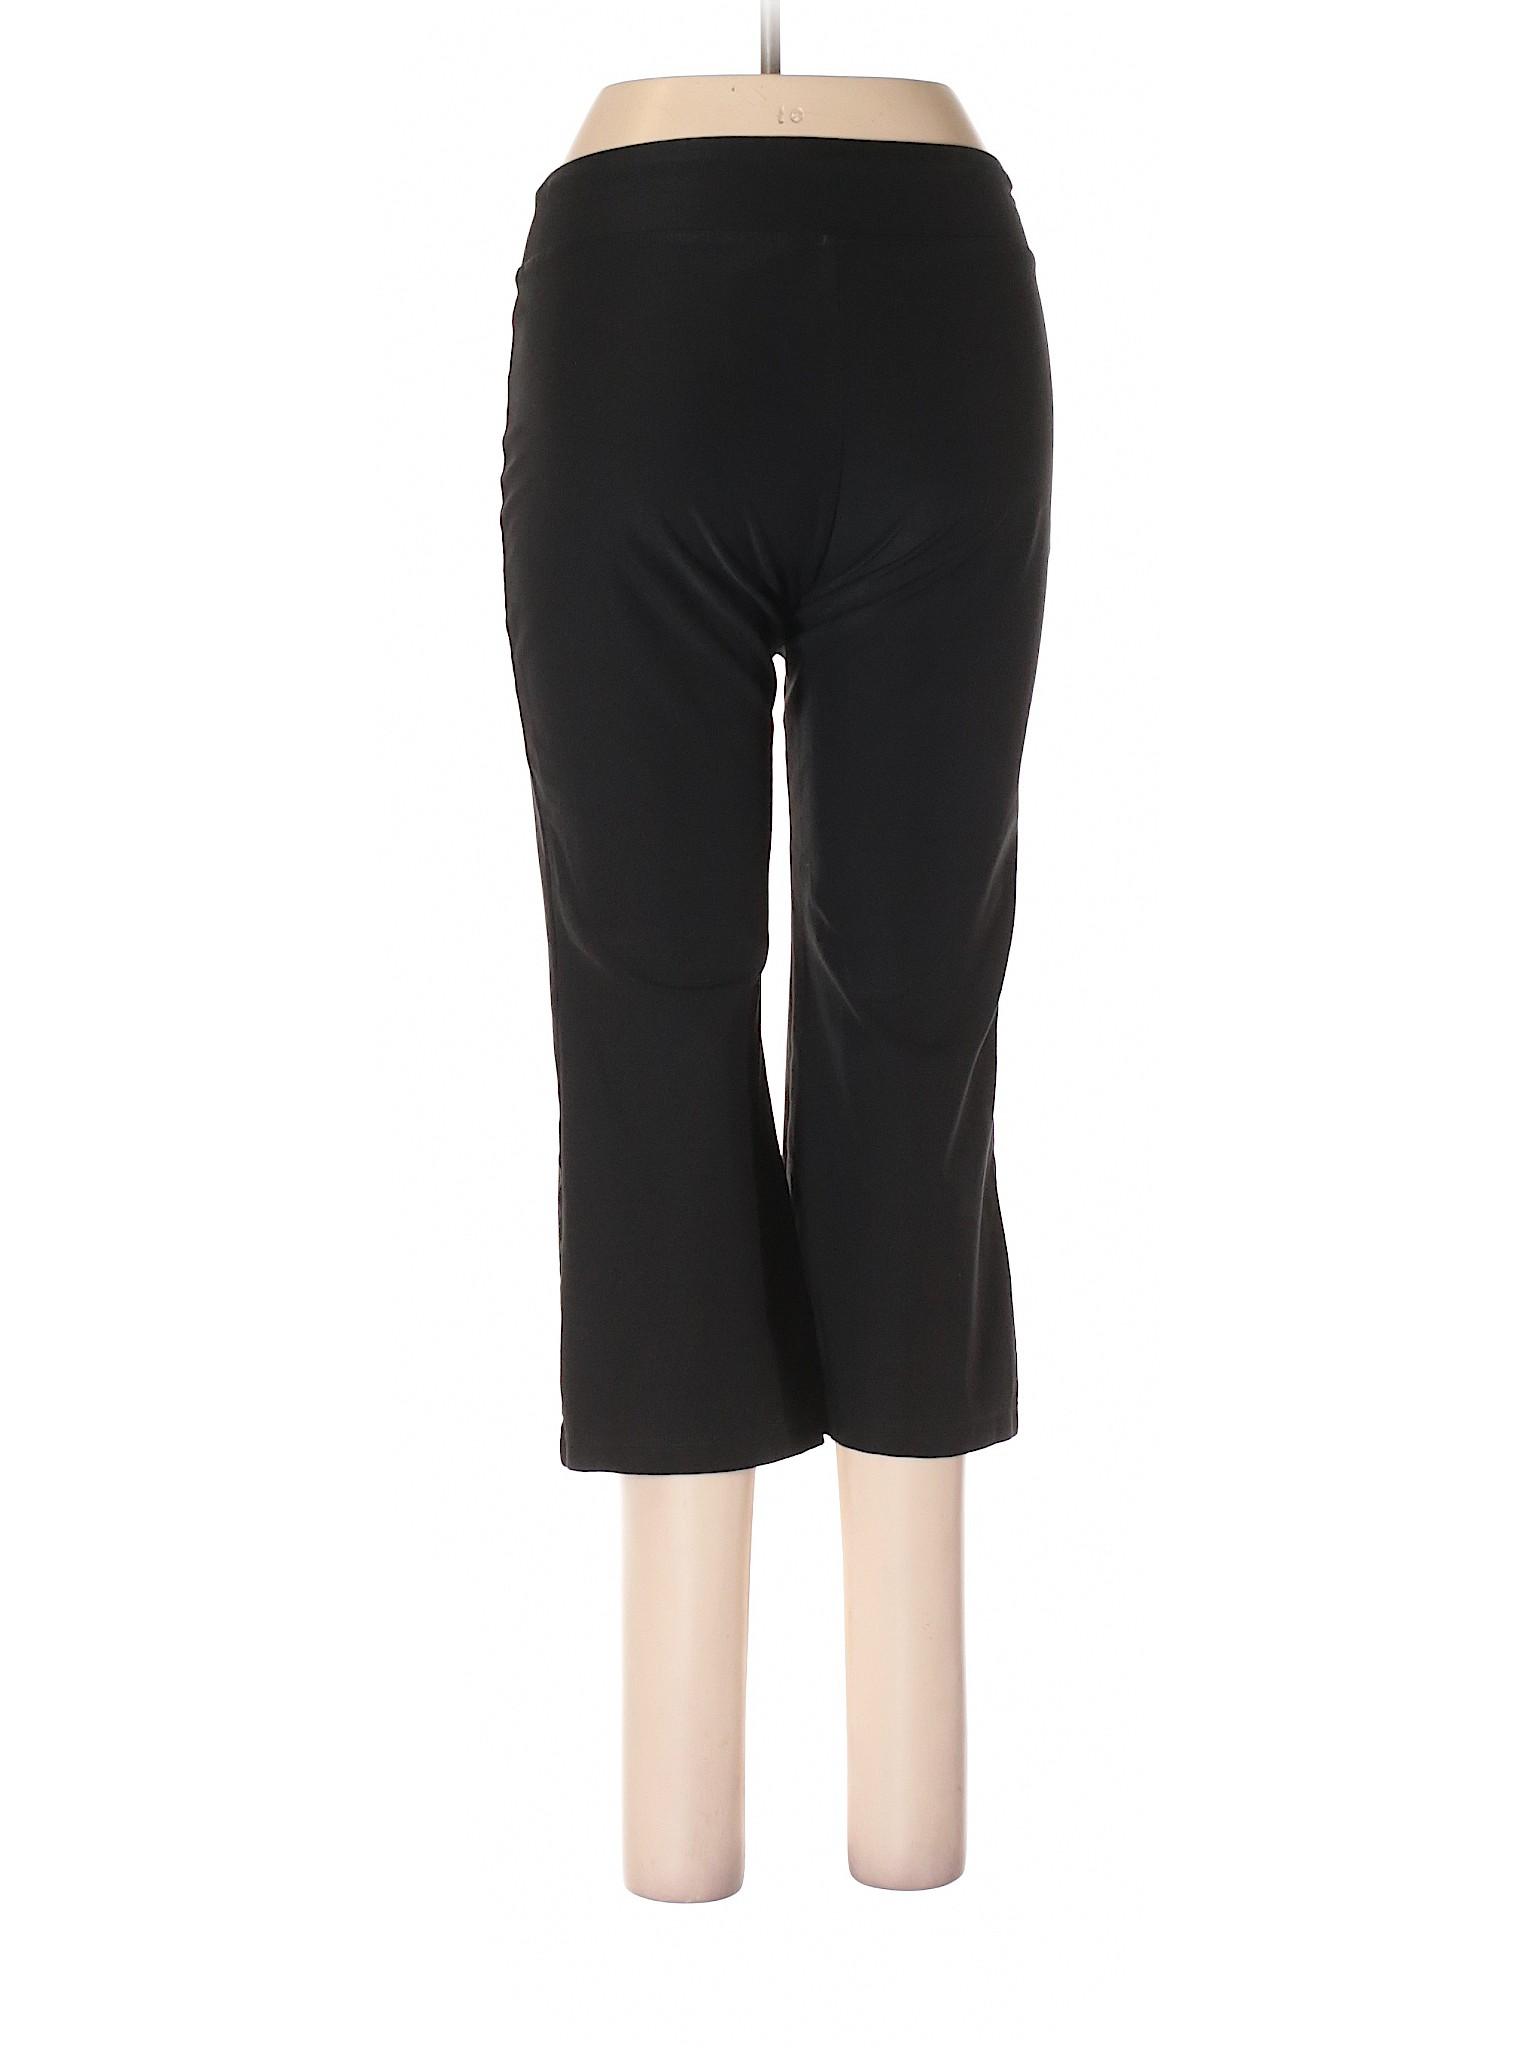 Boutique Boutique winter Nike winter Active Pants qw1Z578xg